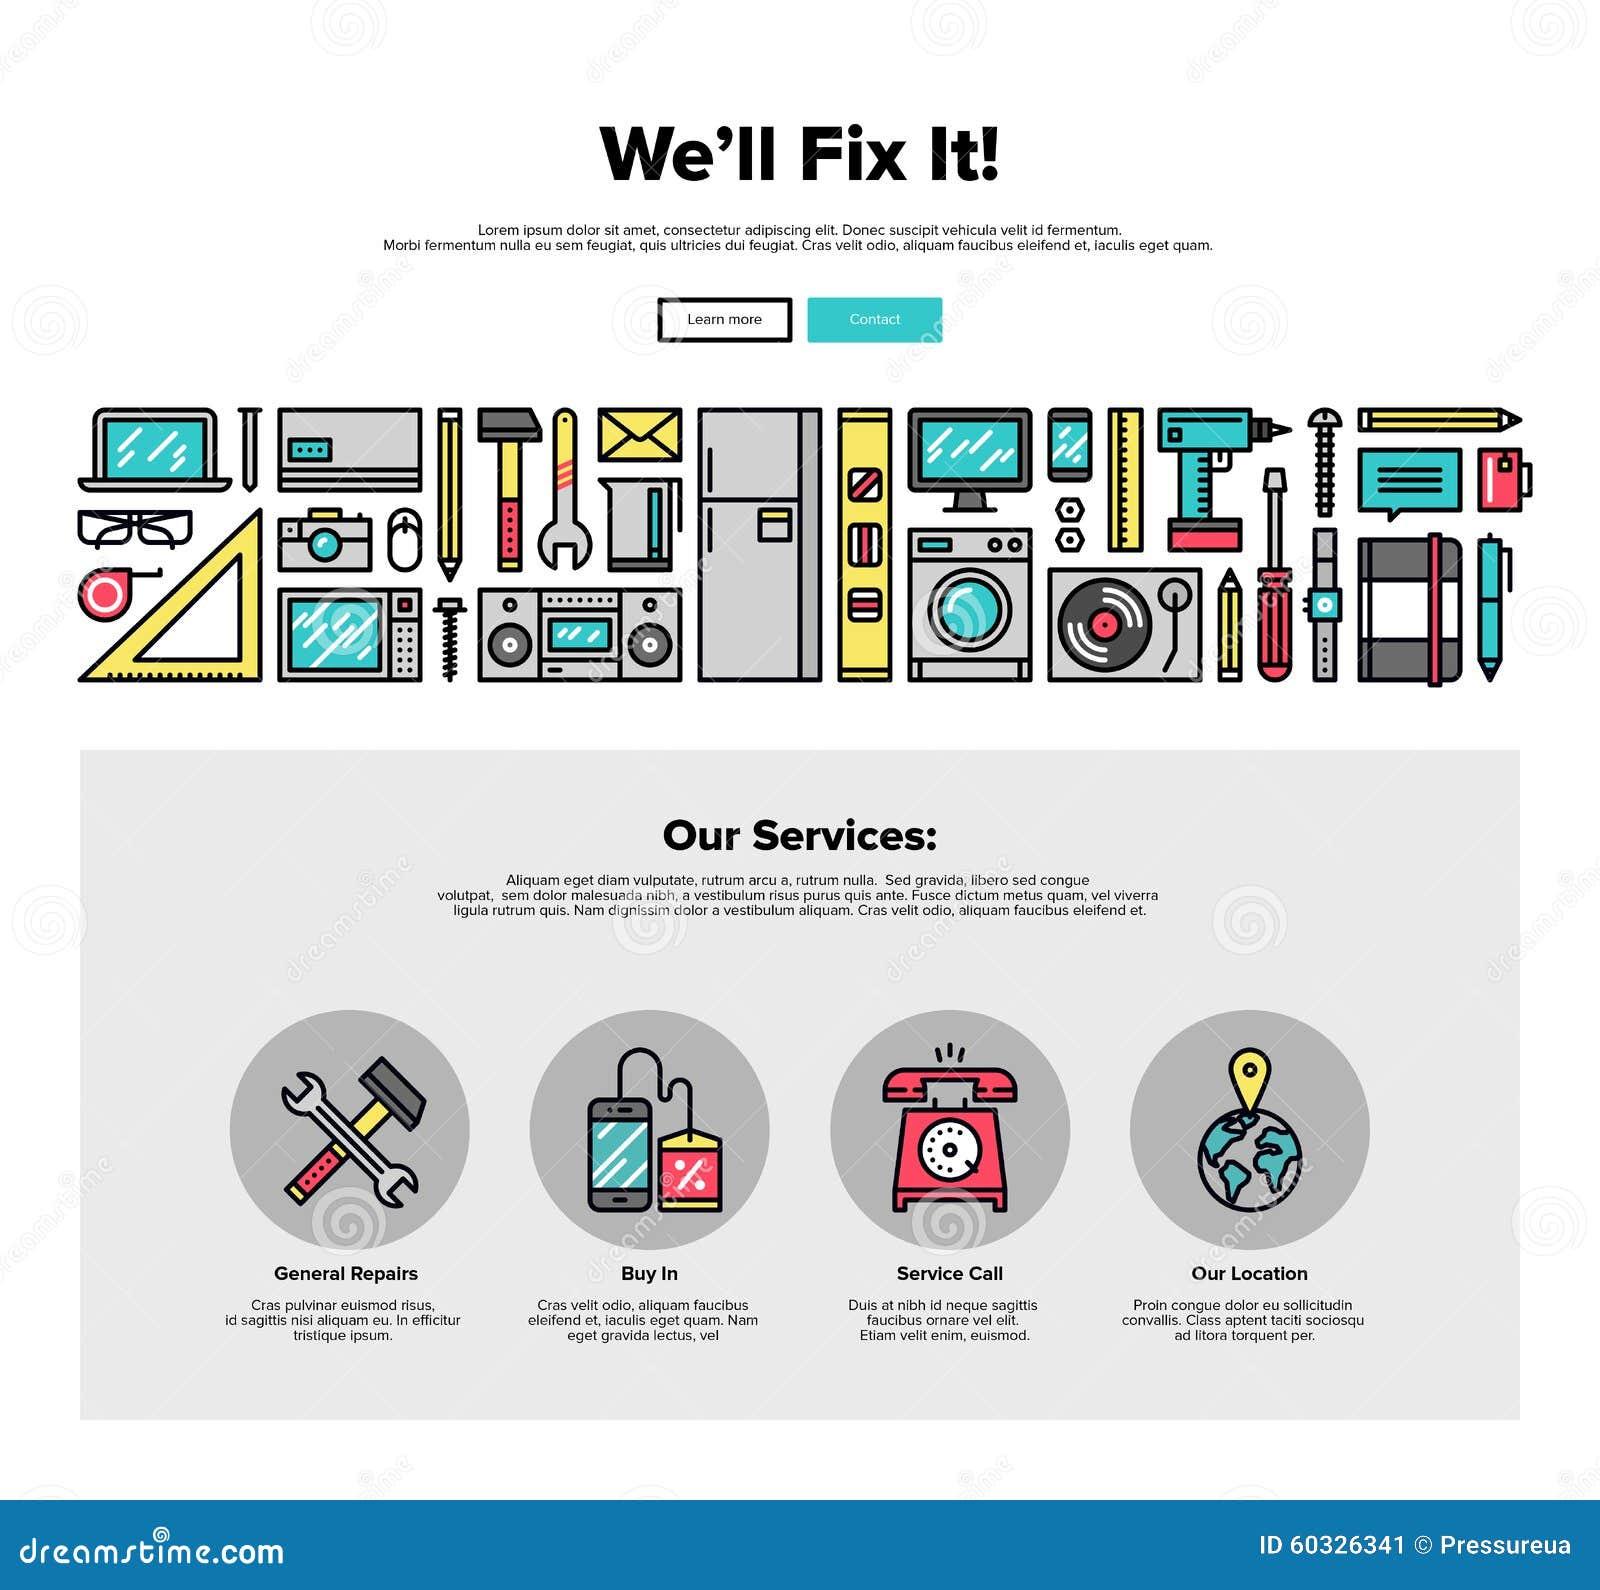 how to fix the crew qraphics